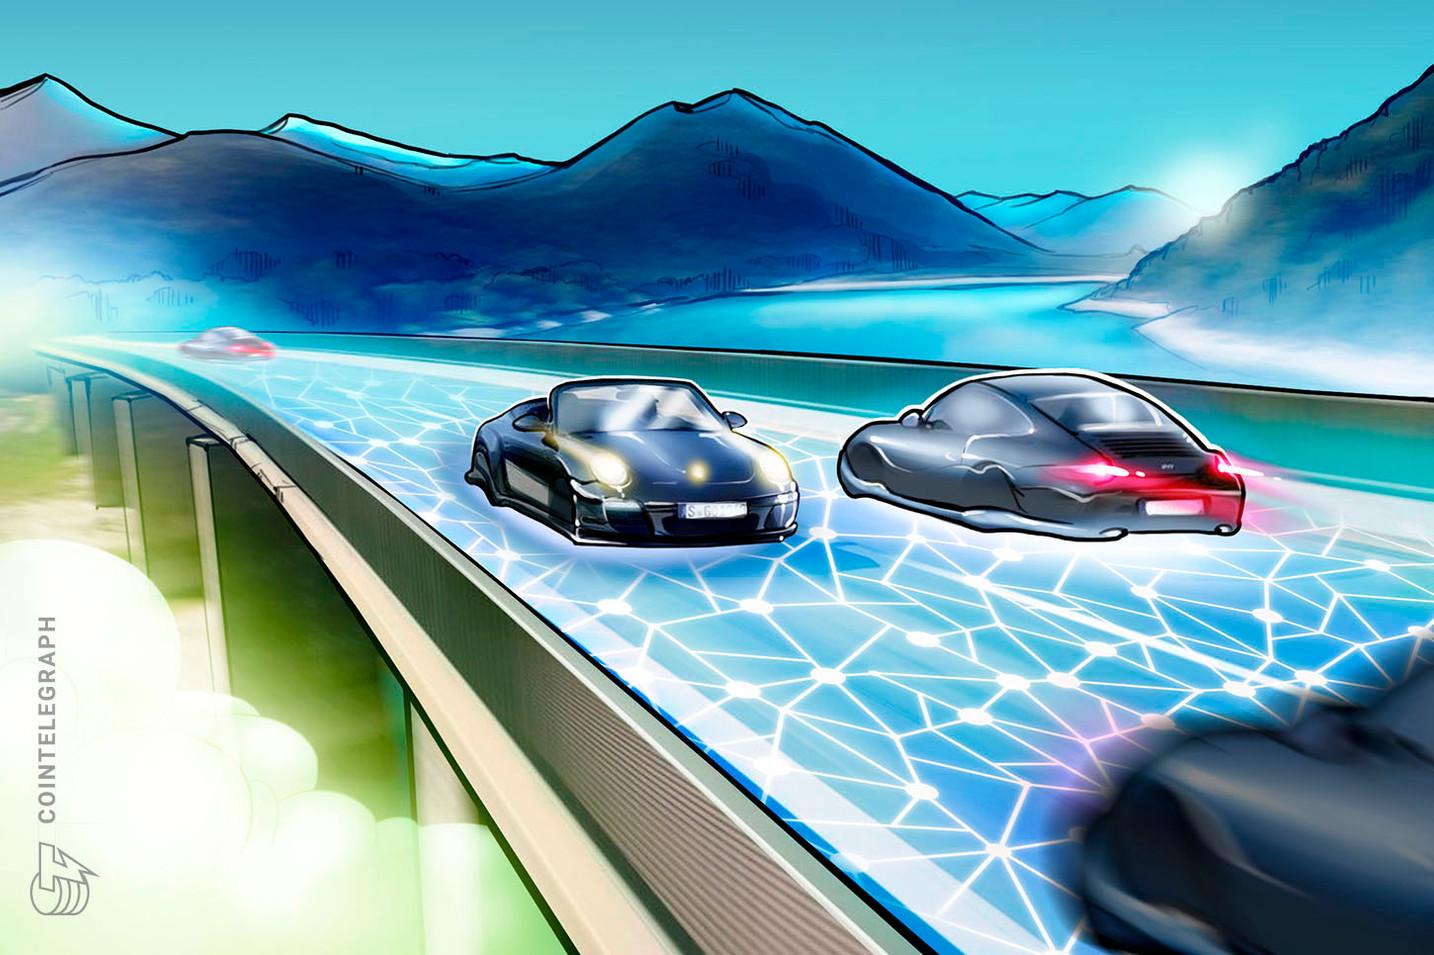 インド自動車大手タタ・モーターズ、自動車関連ブロックチェーン技術でスタートアップに協業呼びかけ